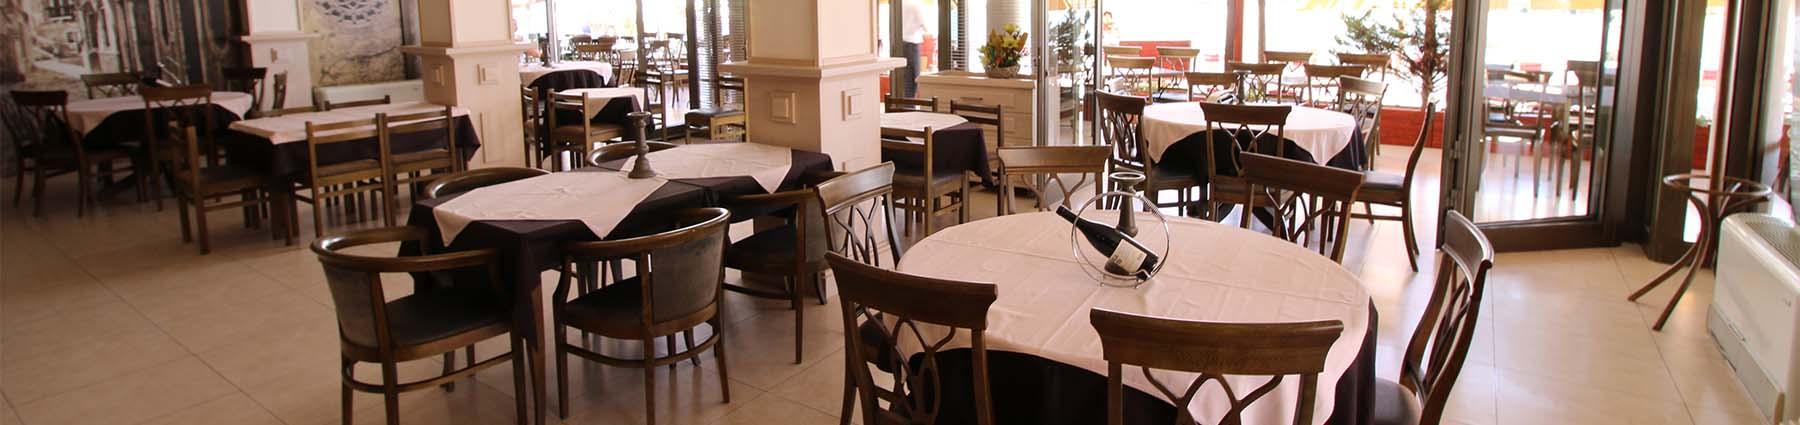 Ресторан Александрија